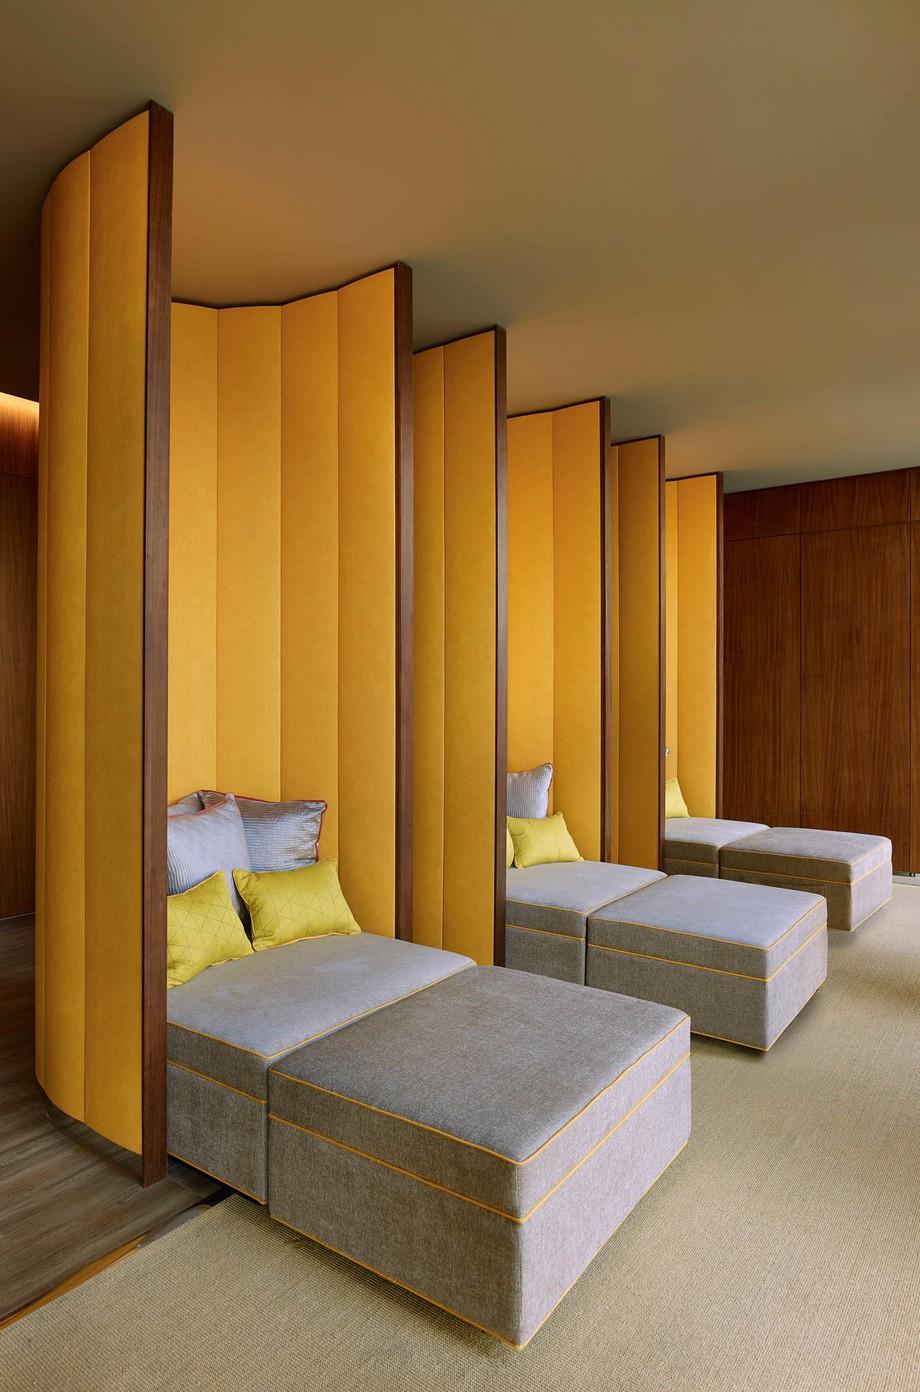 Luxury Design Firm: AD Concept - Top Interior Designers Luxury Design Firm Luxury Design Firm: AD Concept - Top Interior Designers Wellness Top Interior Designers AB Concept 2